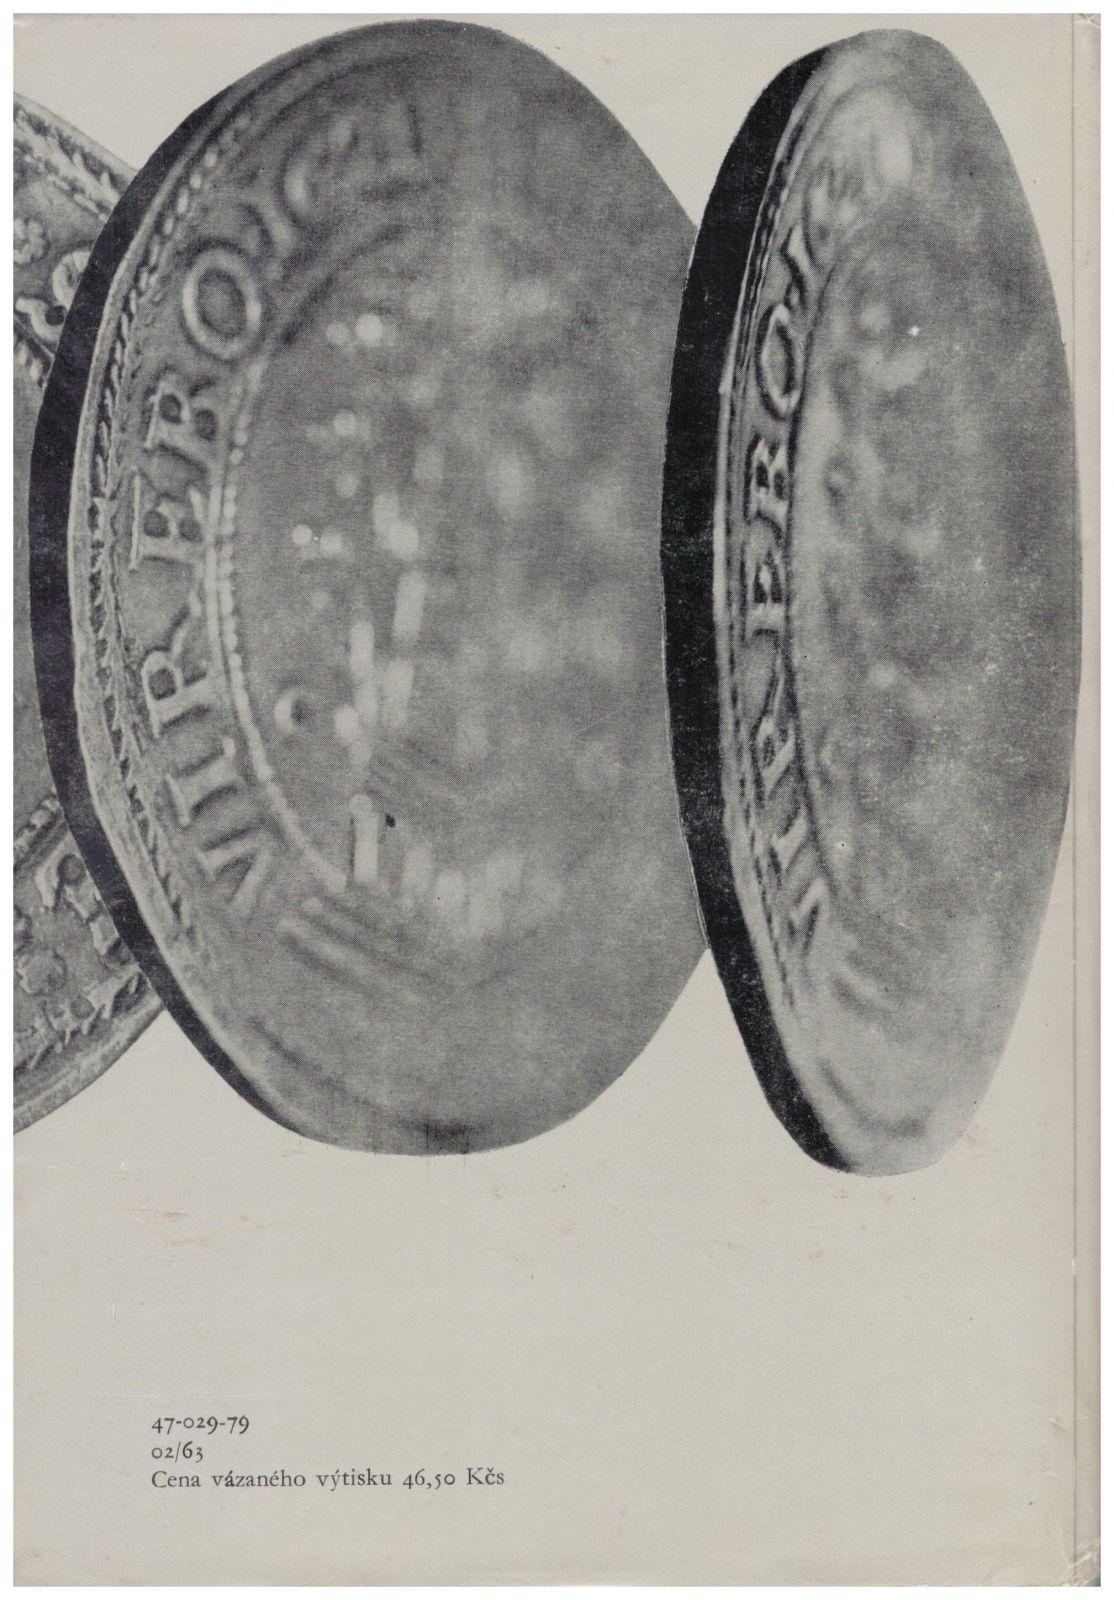 Dějiny peněz na Moravě (1979), Jiří Sejbal